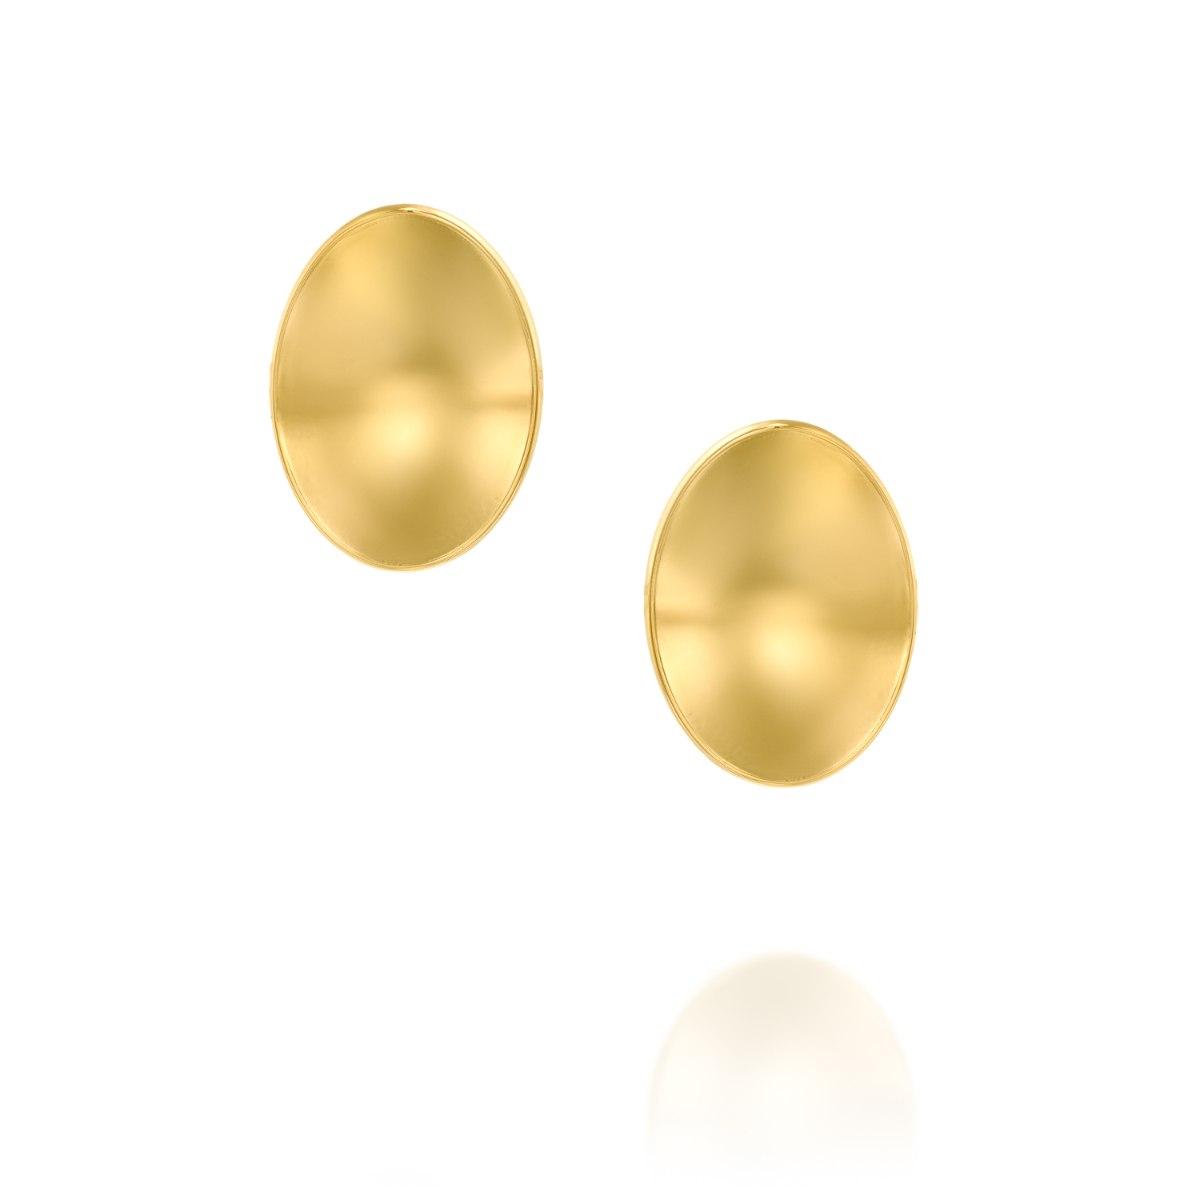 עגיל צמוד זהב 14 קרט  אליפסה קעורה נועה טריפ noa tripp